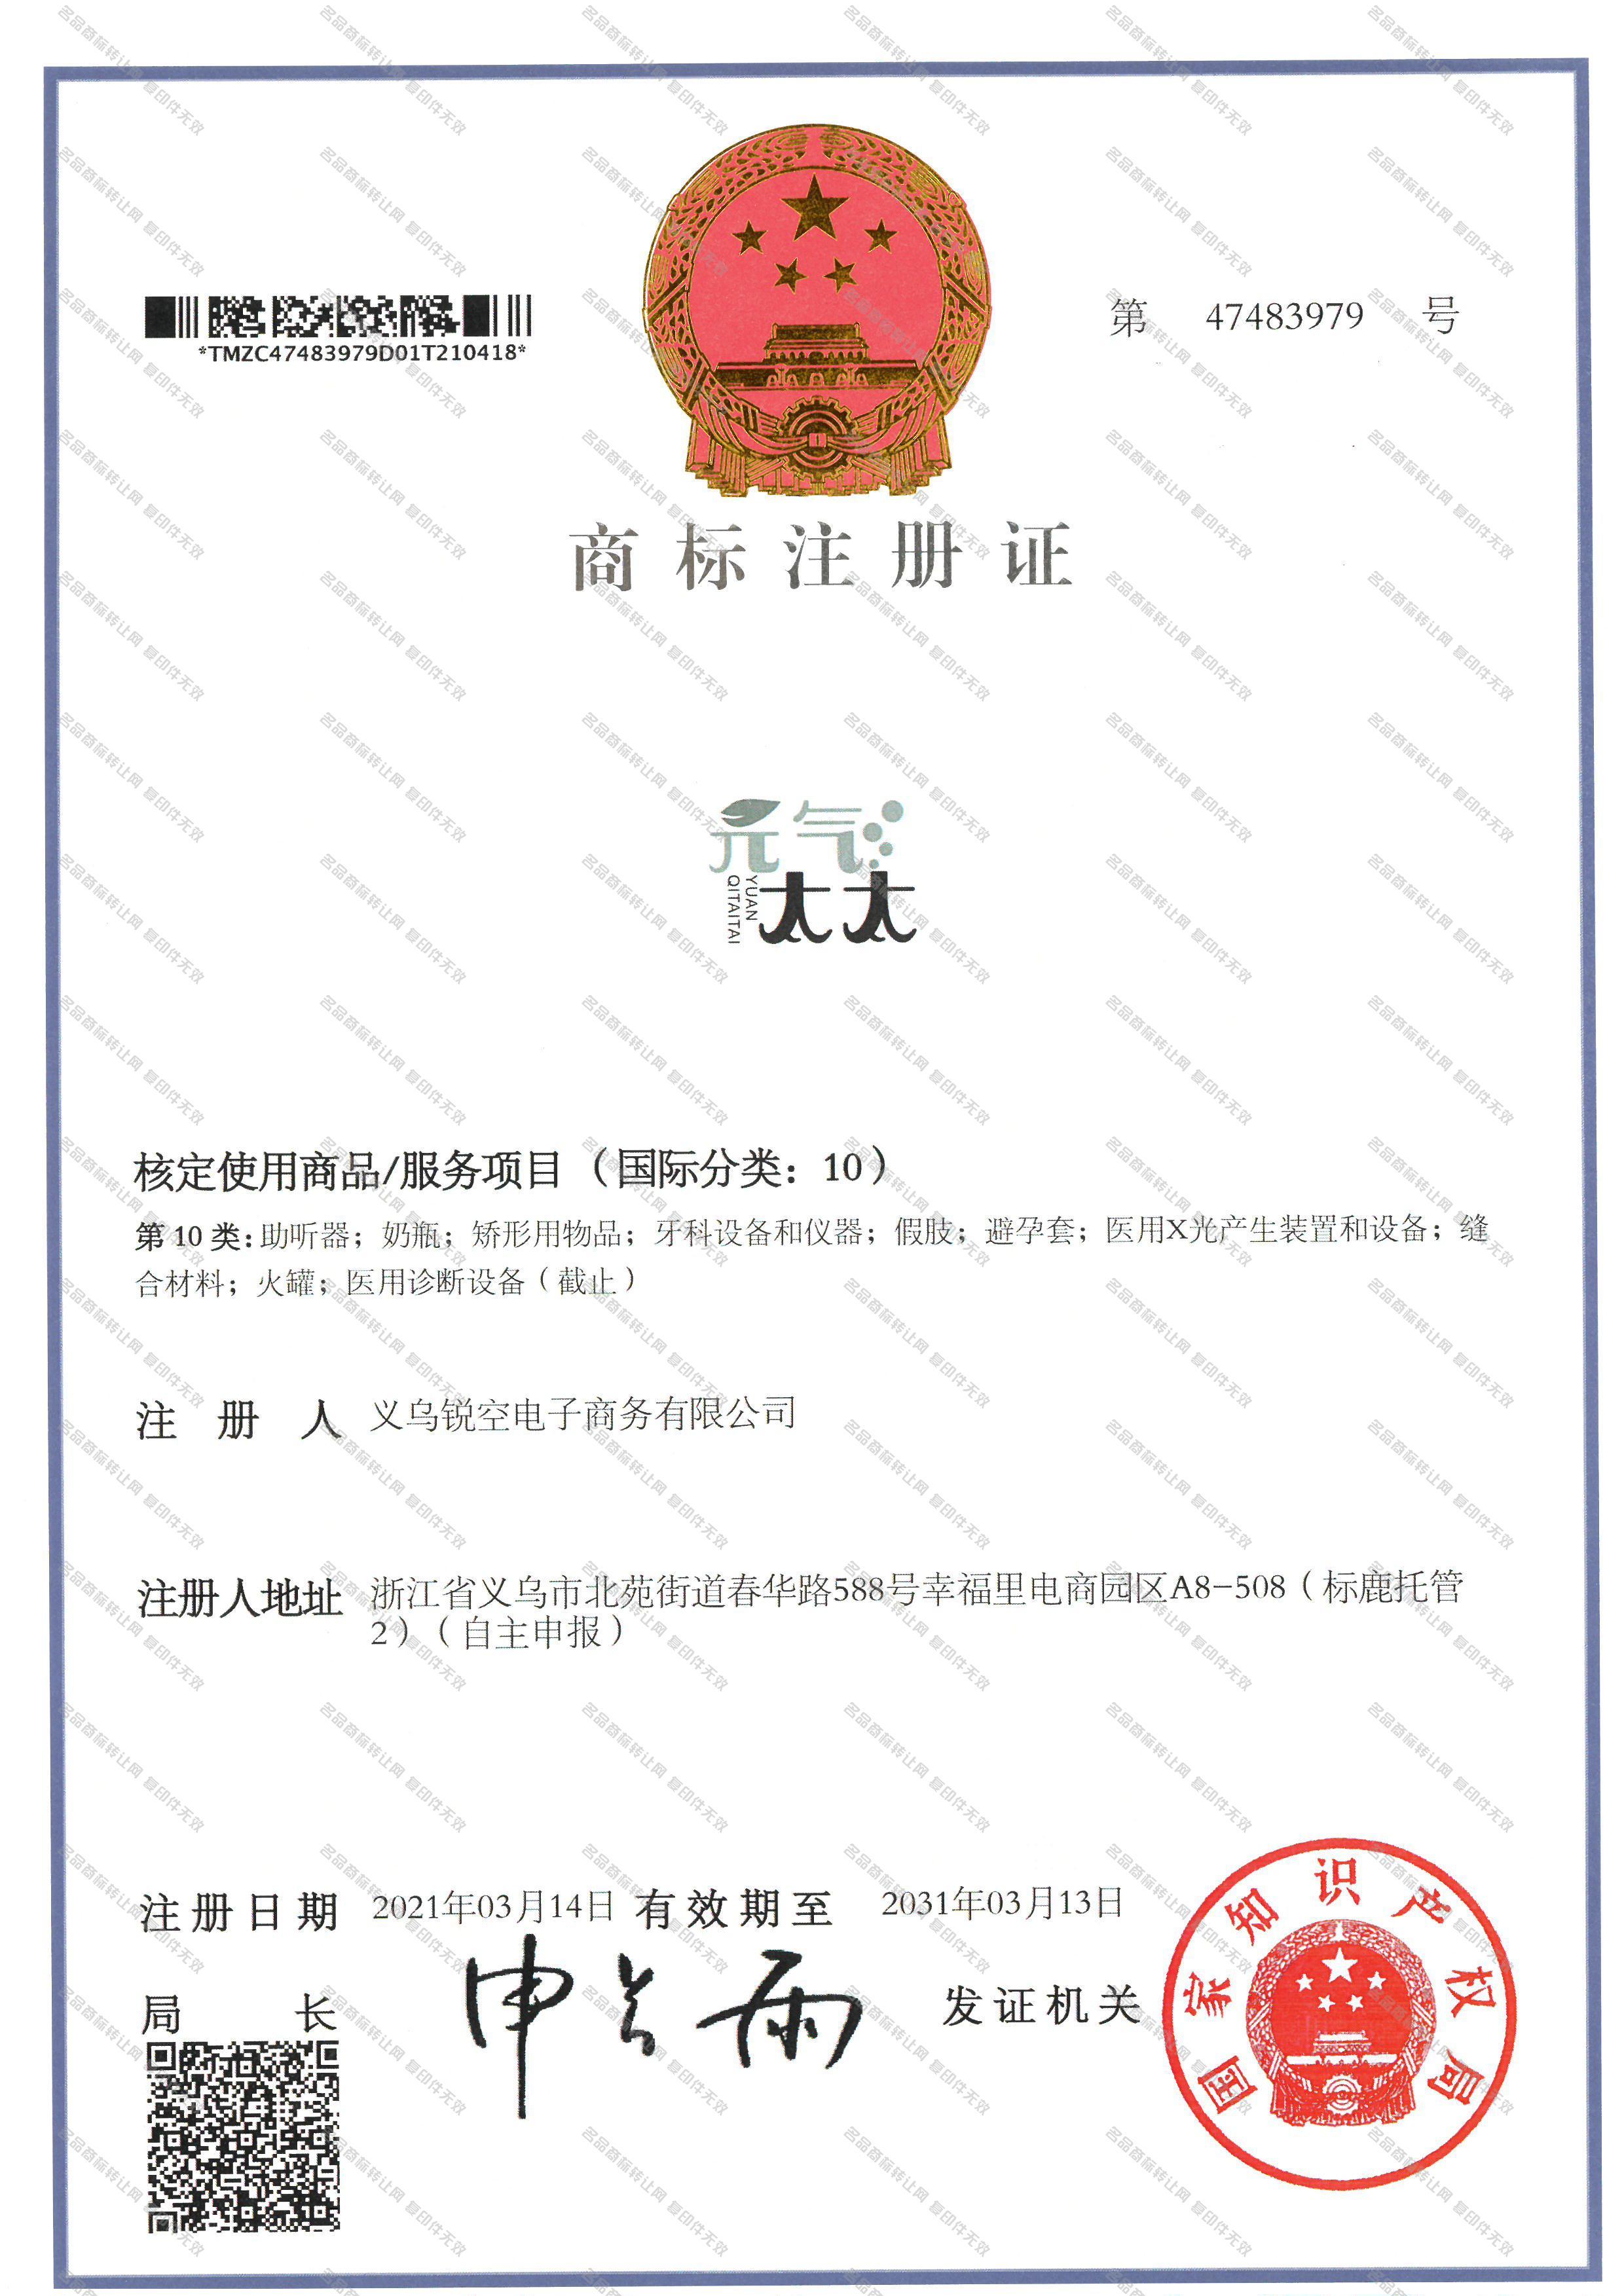 元气太太;YUANQITAITAI注册证